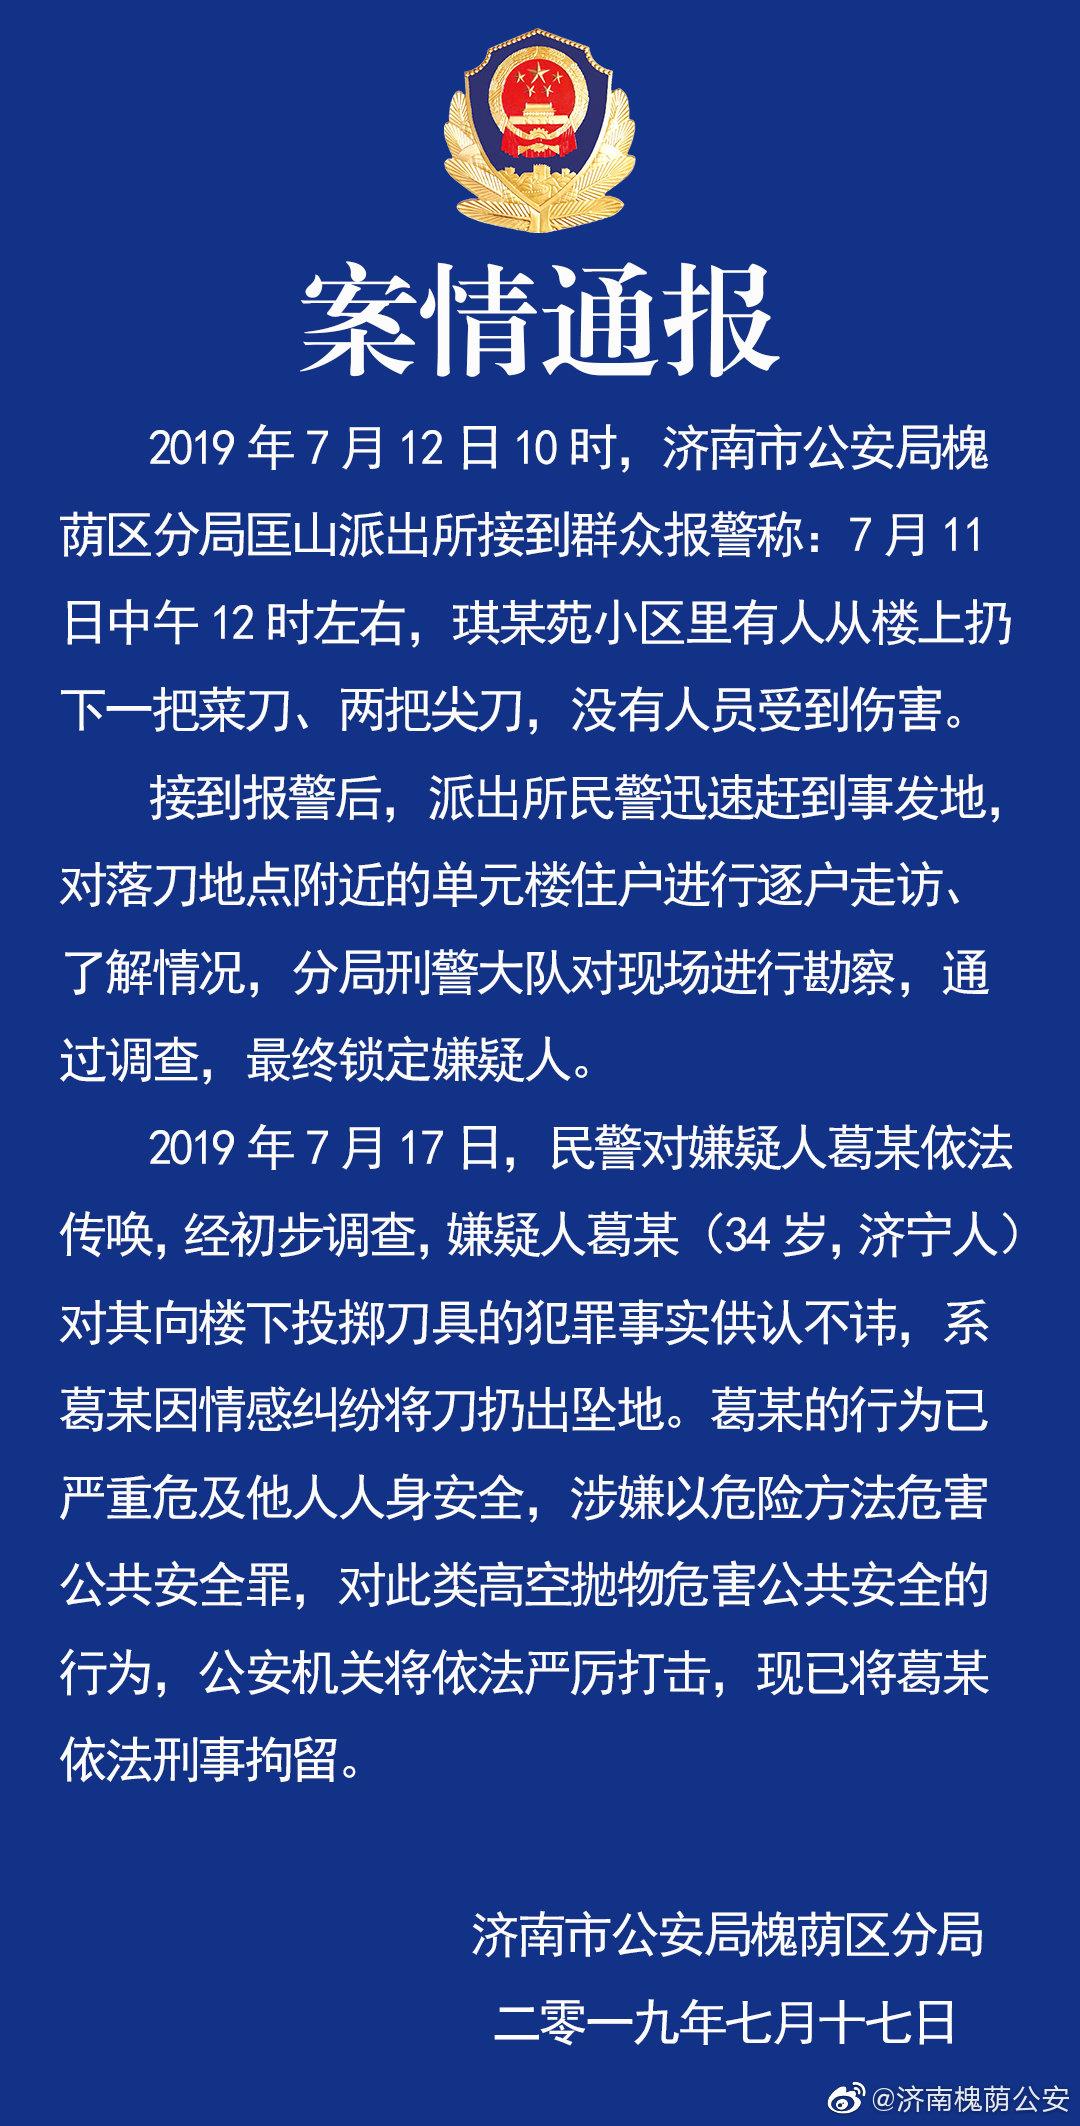 济南一小区高空坠落3把刀 警方:嫌疑人已刑拘 因情感纠纷扔刀